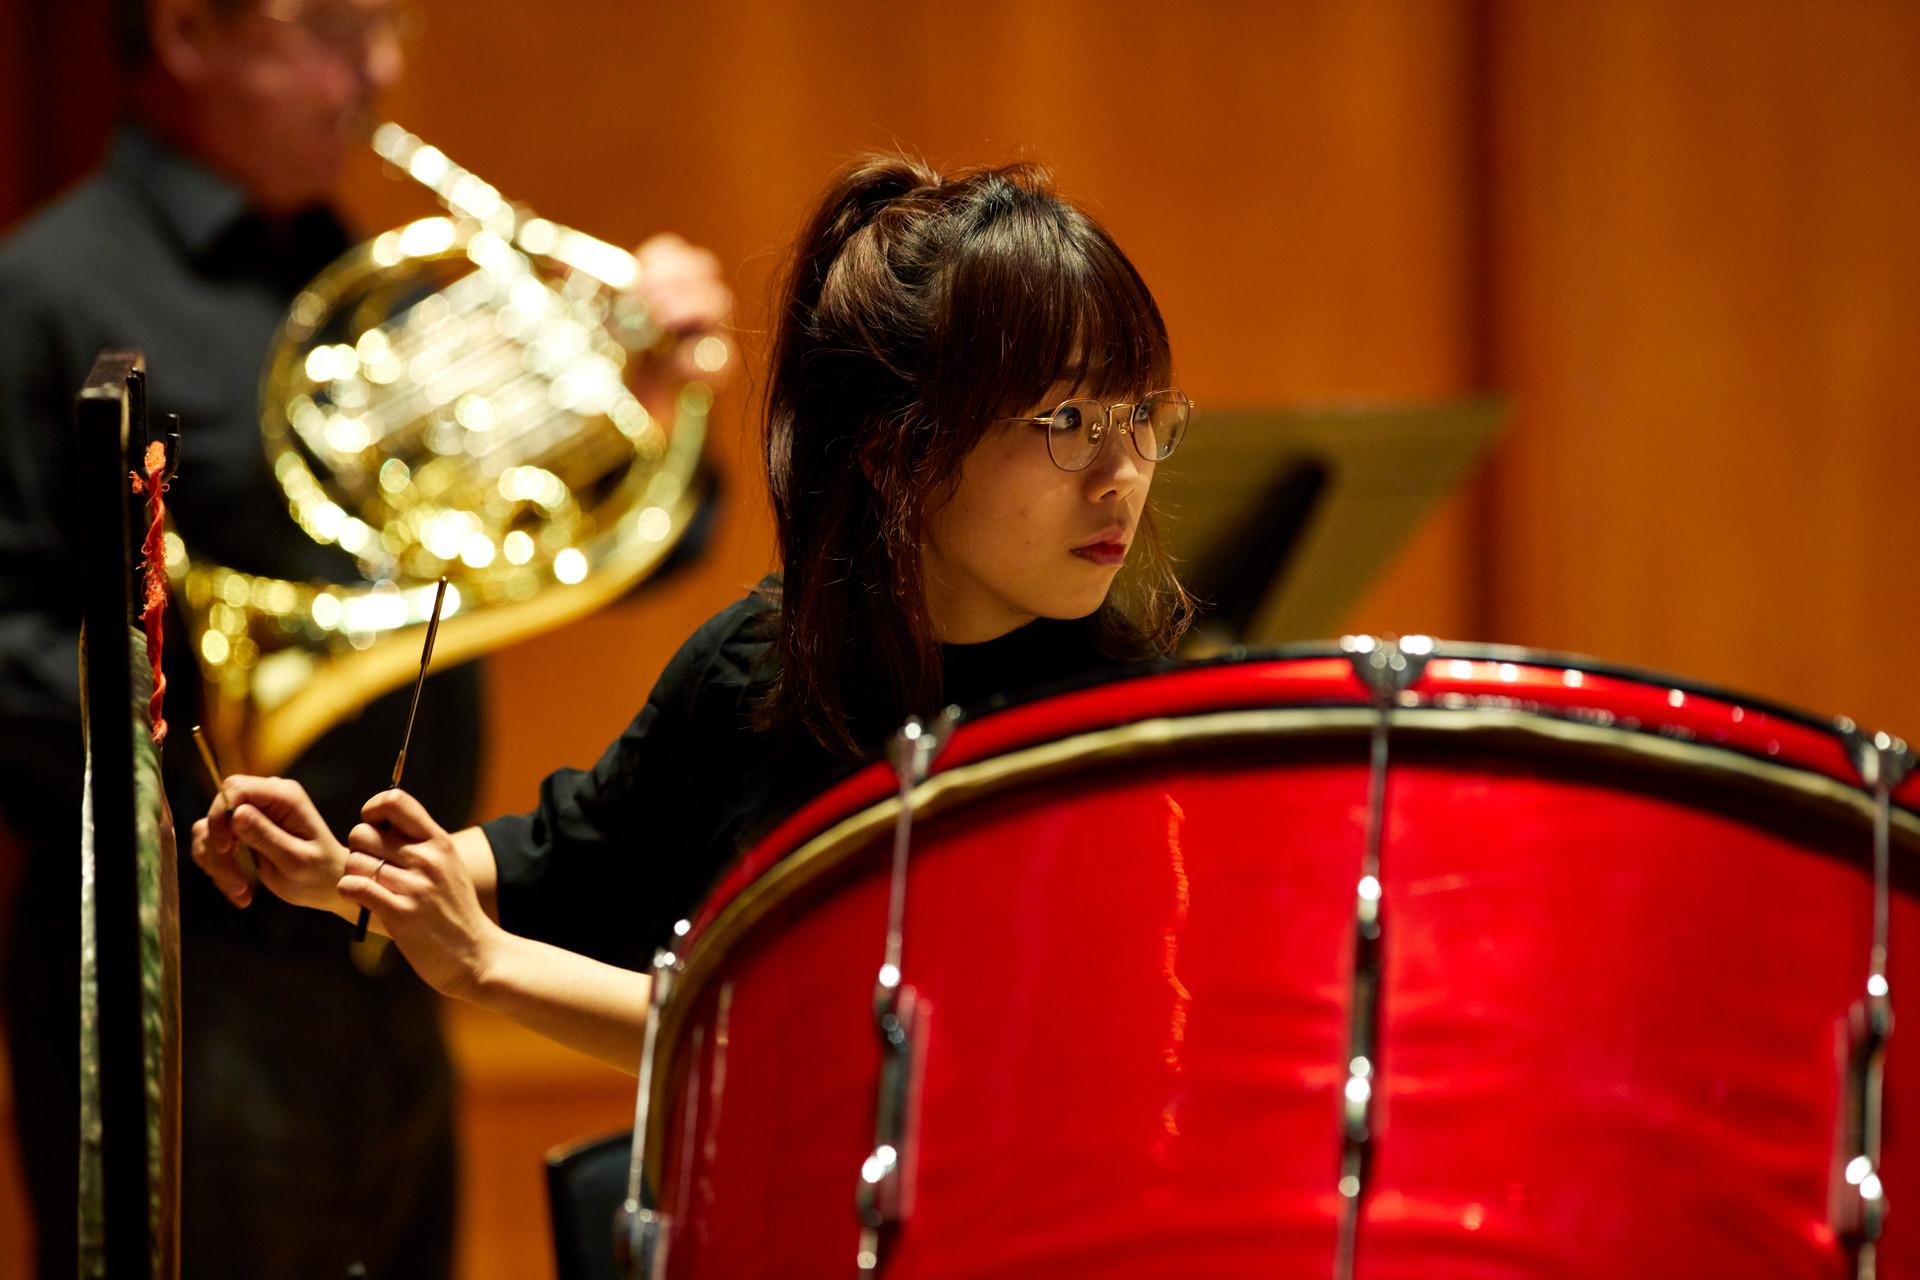 London Symphony Orchestra / Soundhub